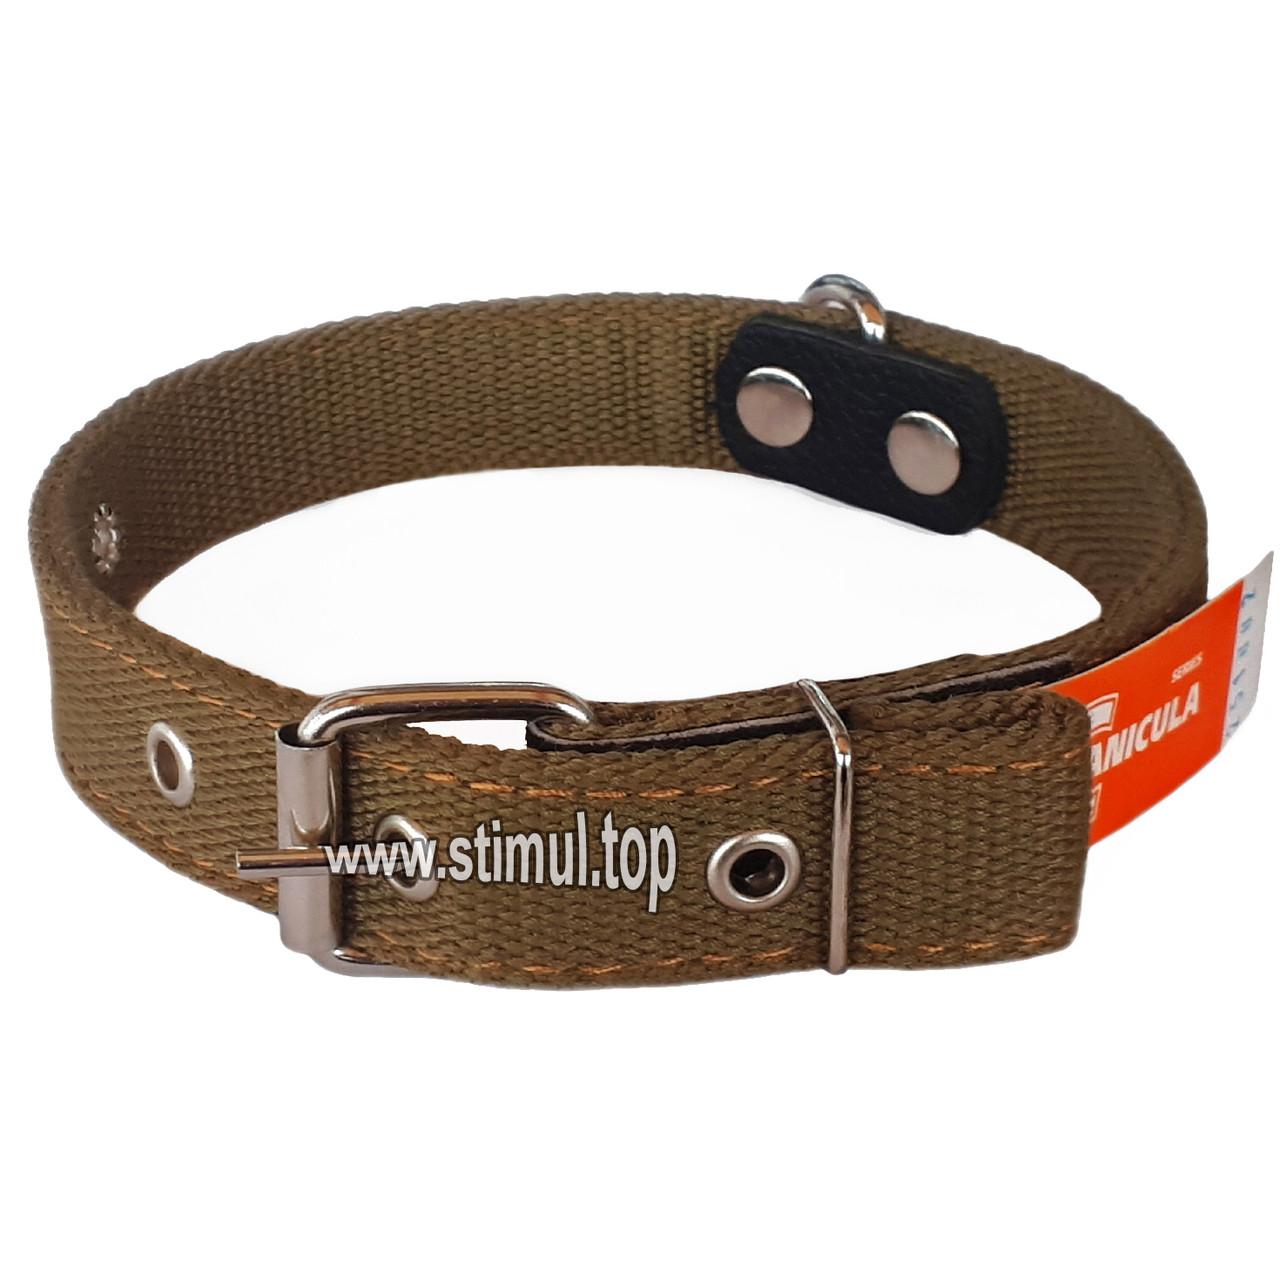 Ошейник двойной 40 мм х 810 мм брезентовый / усиленный с кольцом / двухслойный / ошийник для собак ТМ Canicula